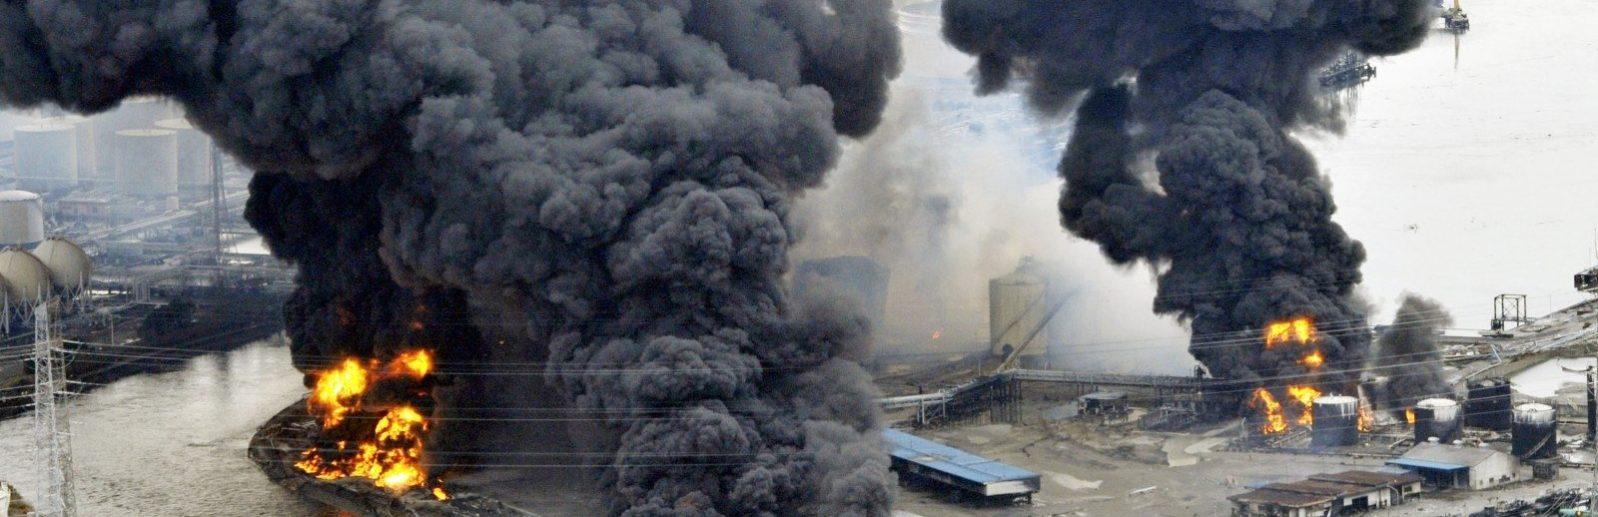 Фукусима Япония землетрясение